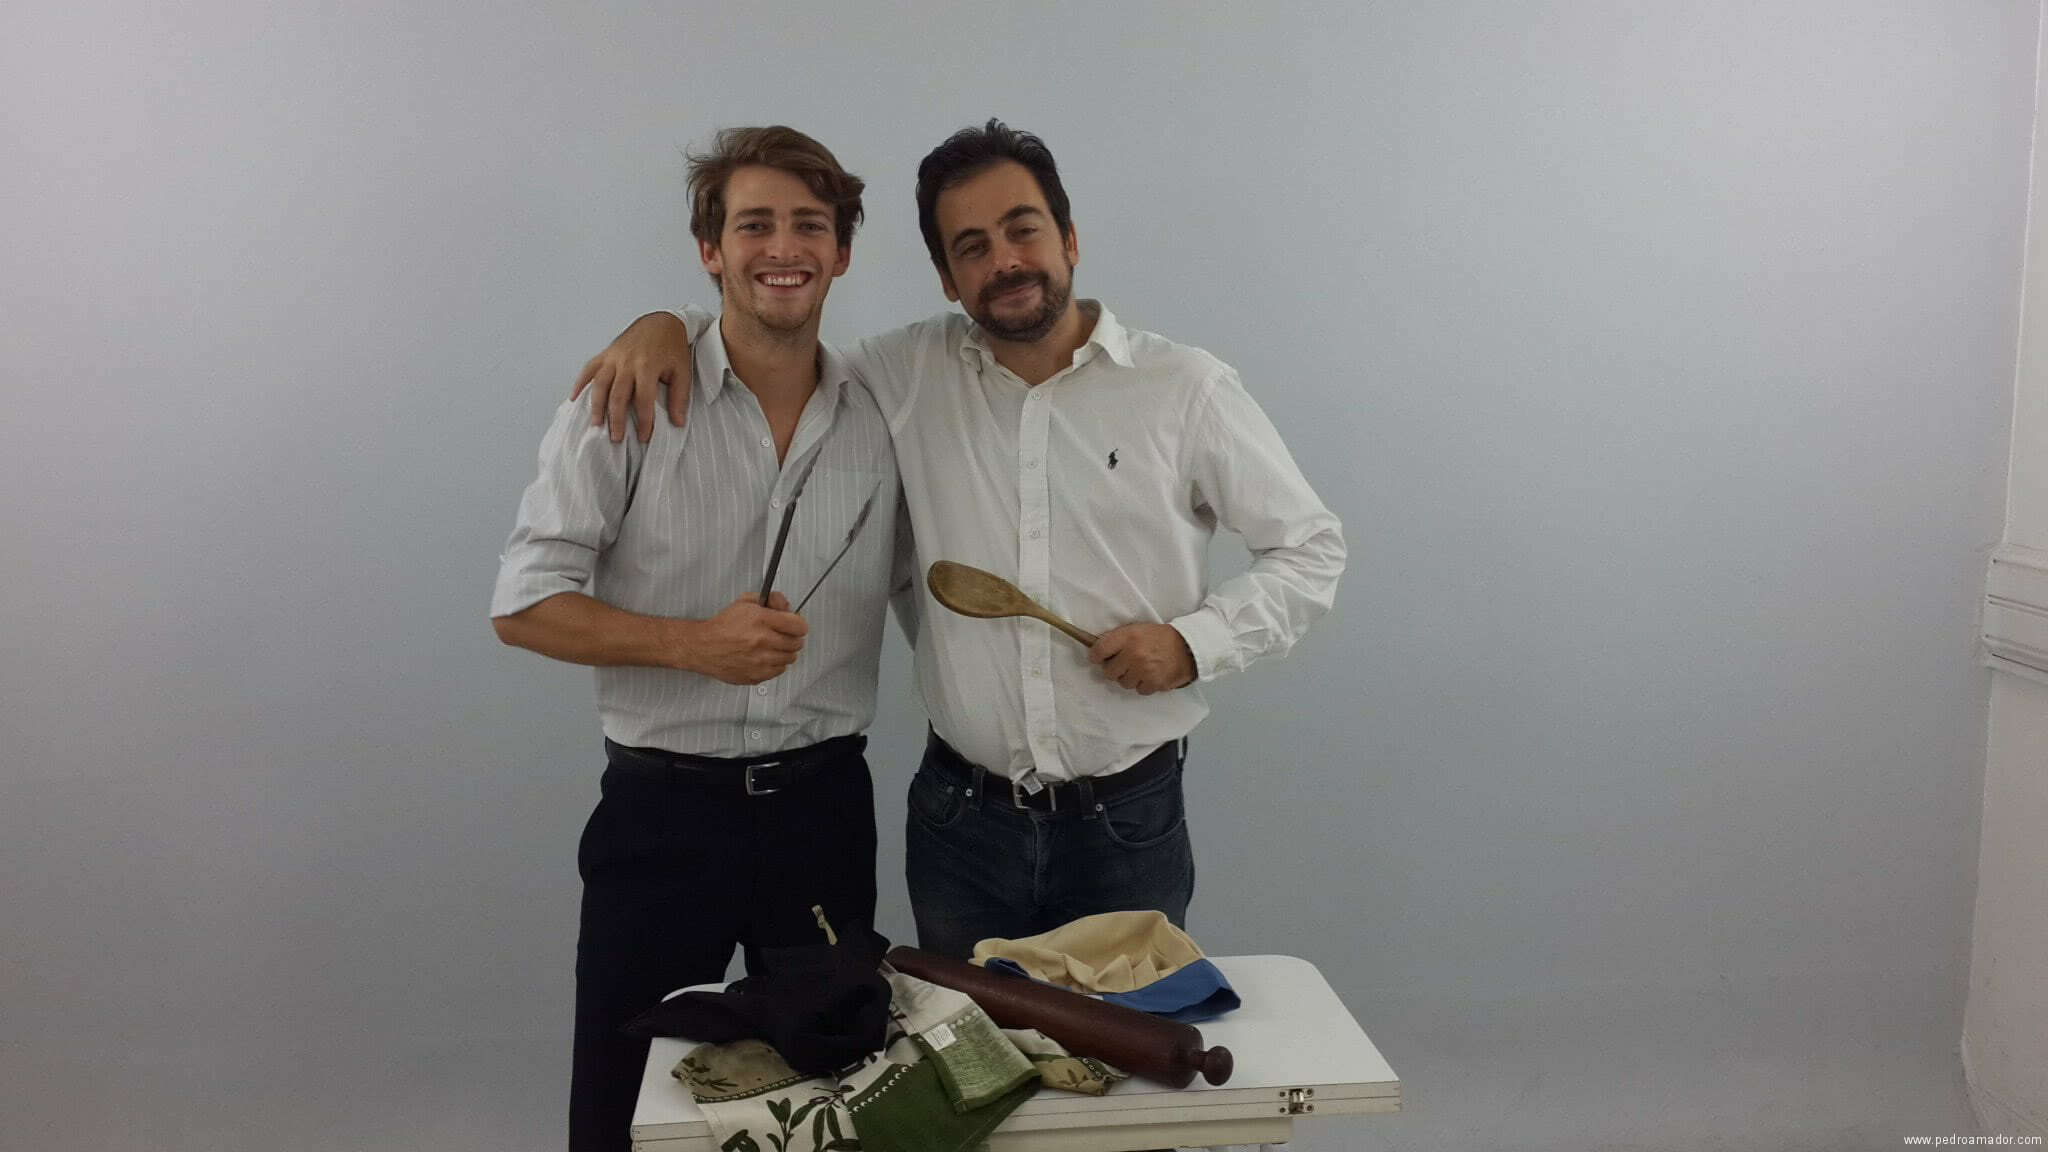 Pedro Amador - Experto en felicidad